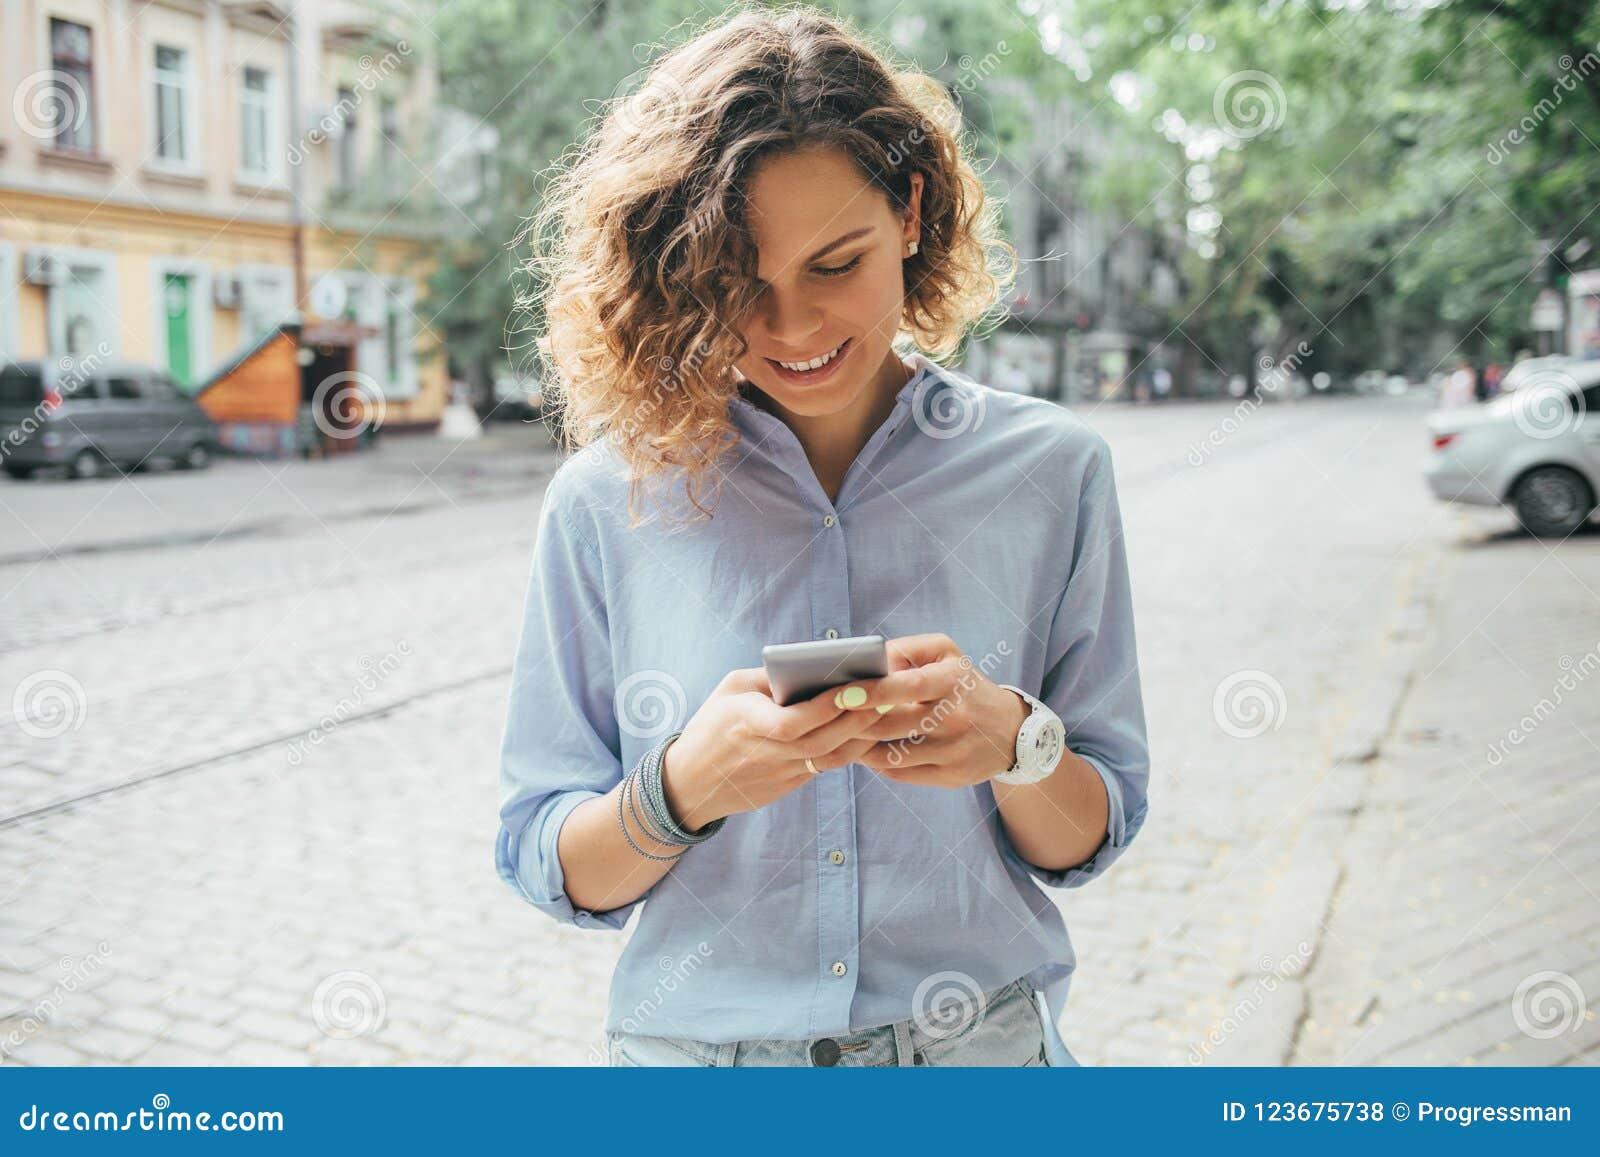 Ευτυχής νέα γυναίκα που φορά το μπλε πουκάμισο που χρησιμοποιεί το κινητό τηλέφωνο